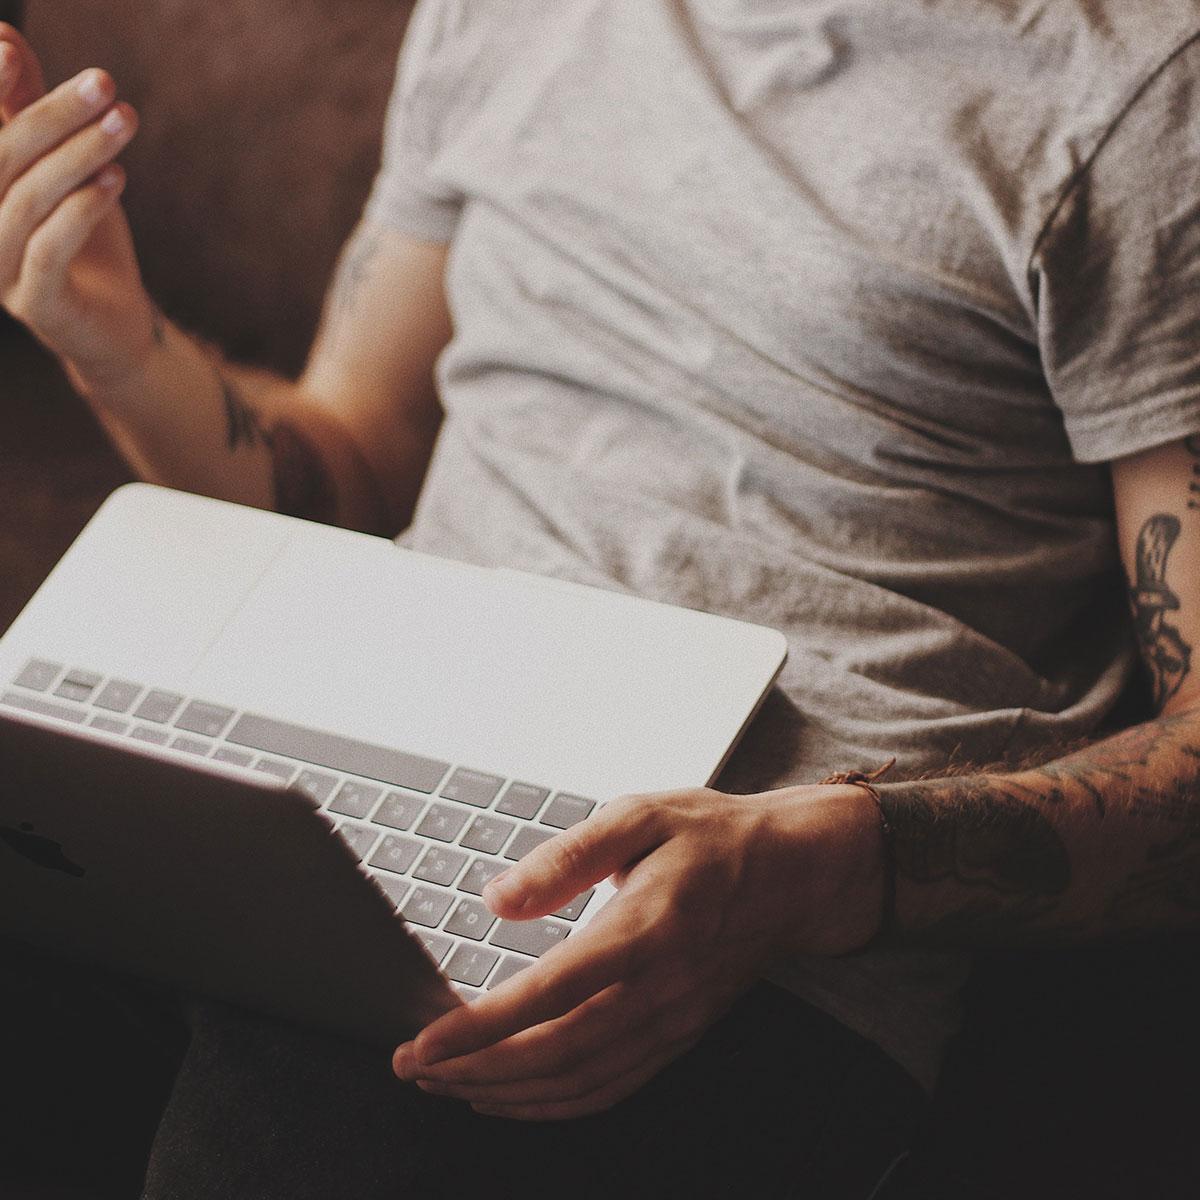 travail à l'ordinateur - douleurs chroniques